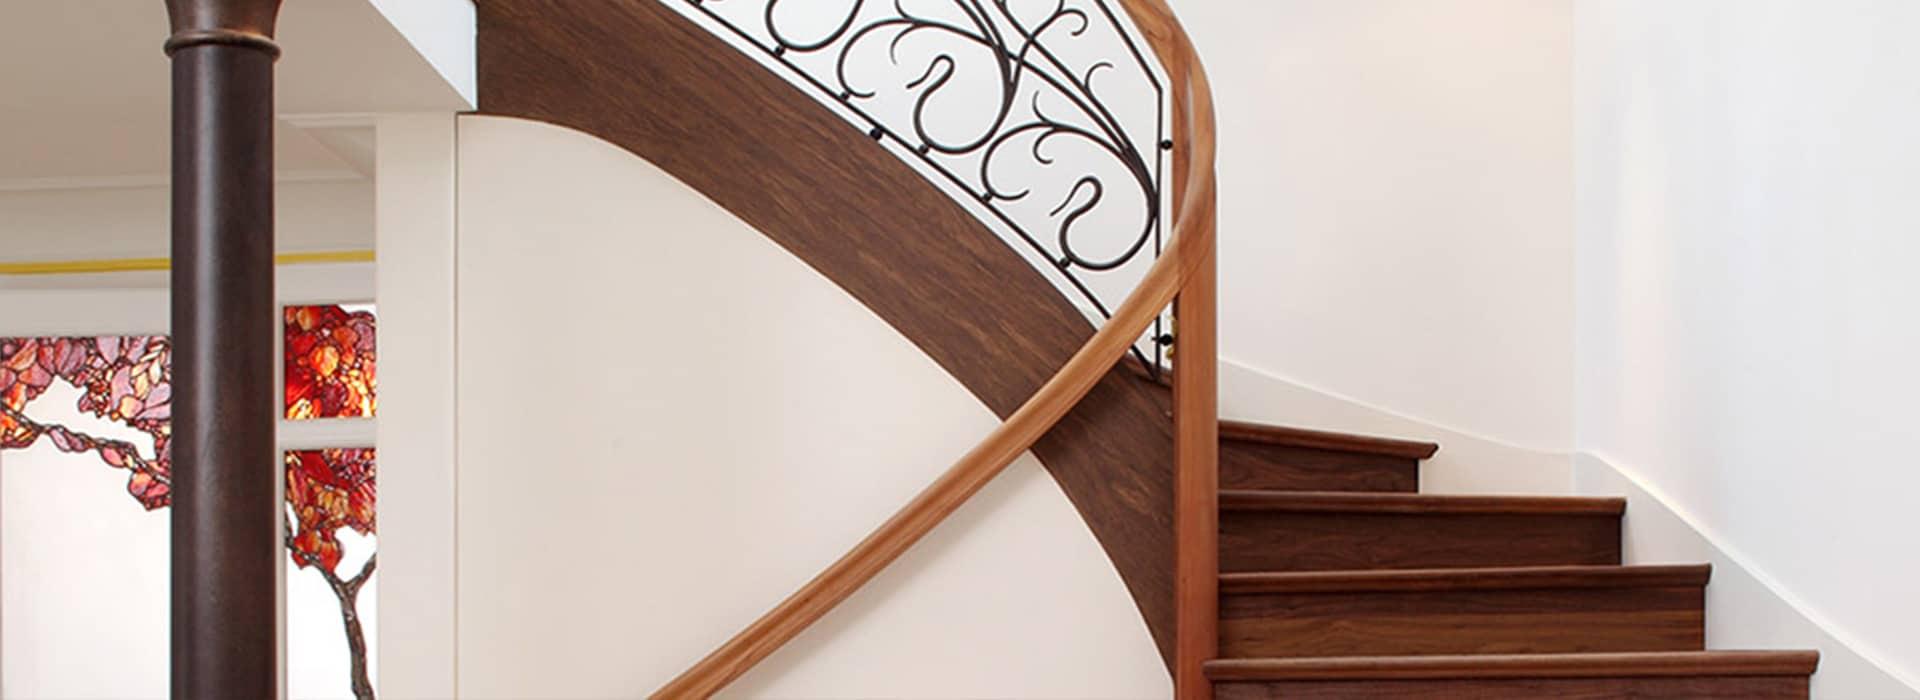 Stiltreppe mit Kunstschmiedegeländer